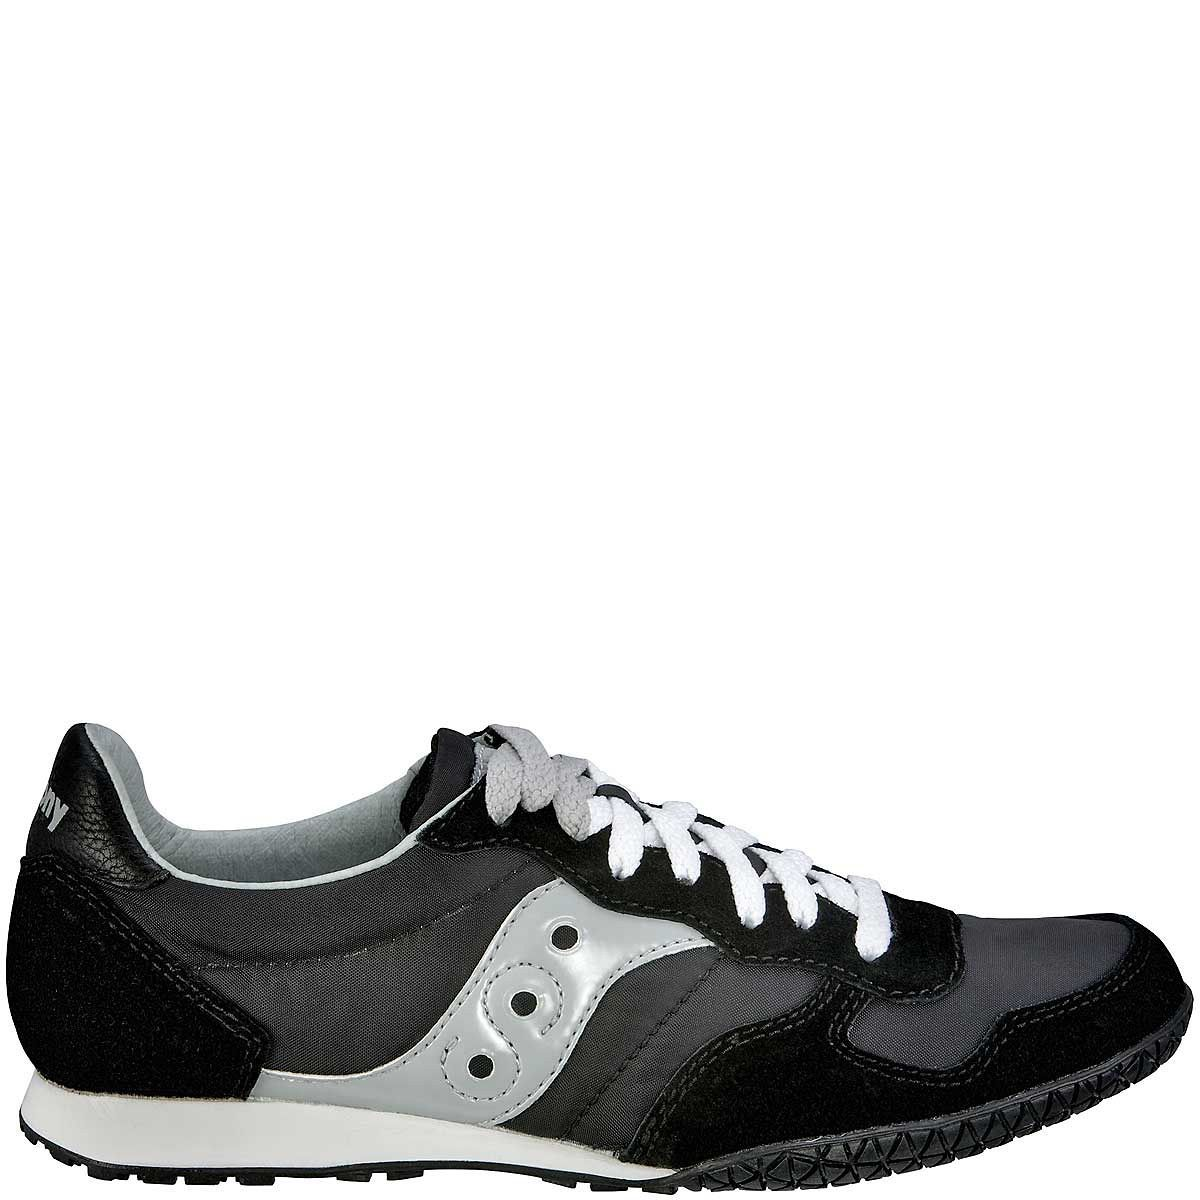 Мужские кроссовки Saucony Bullet черные с серебристо-серым